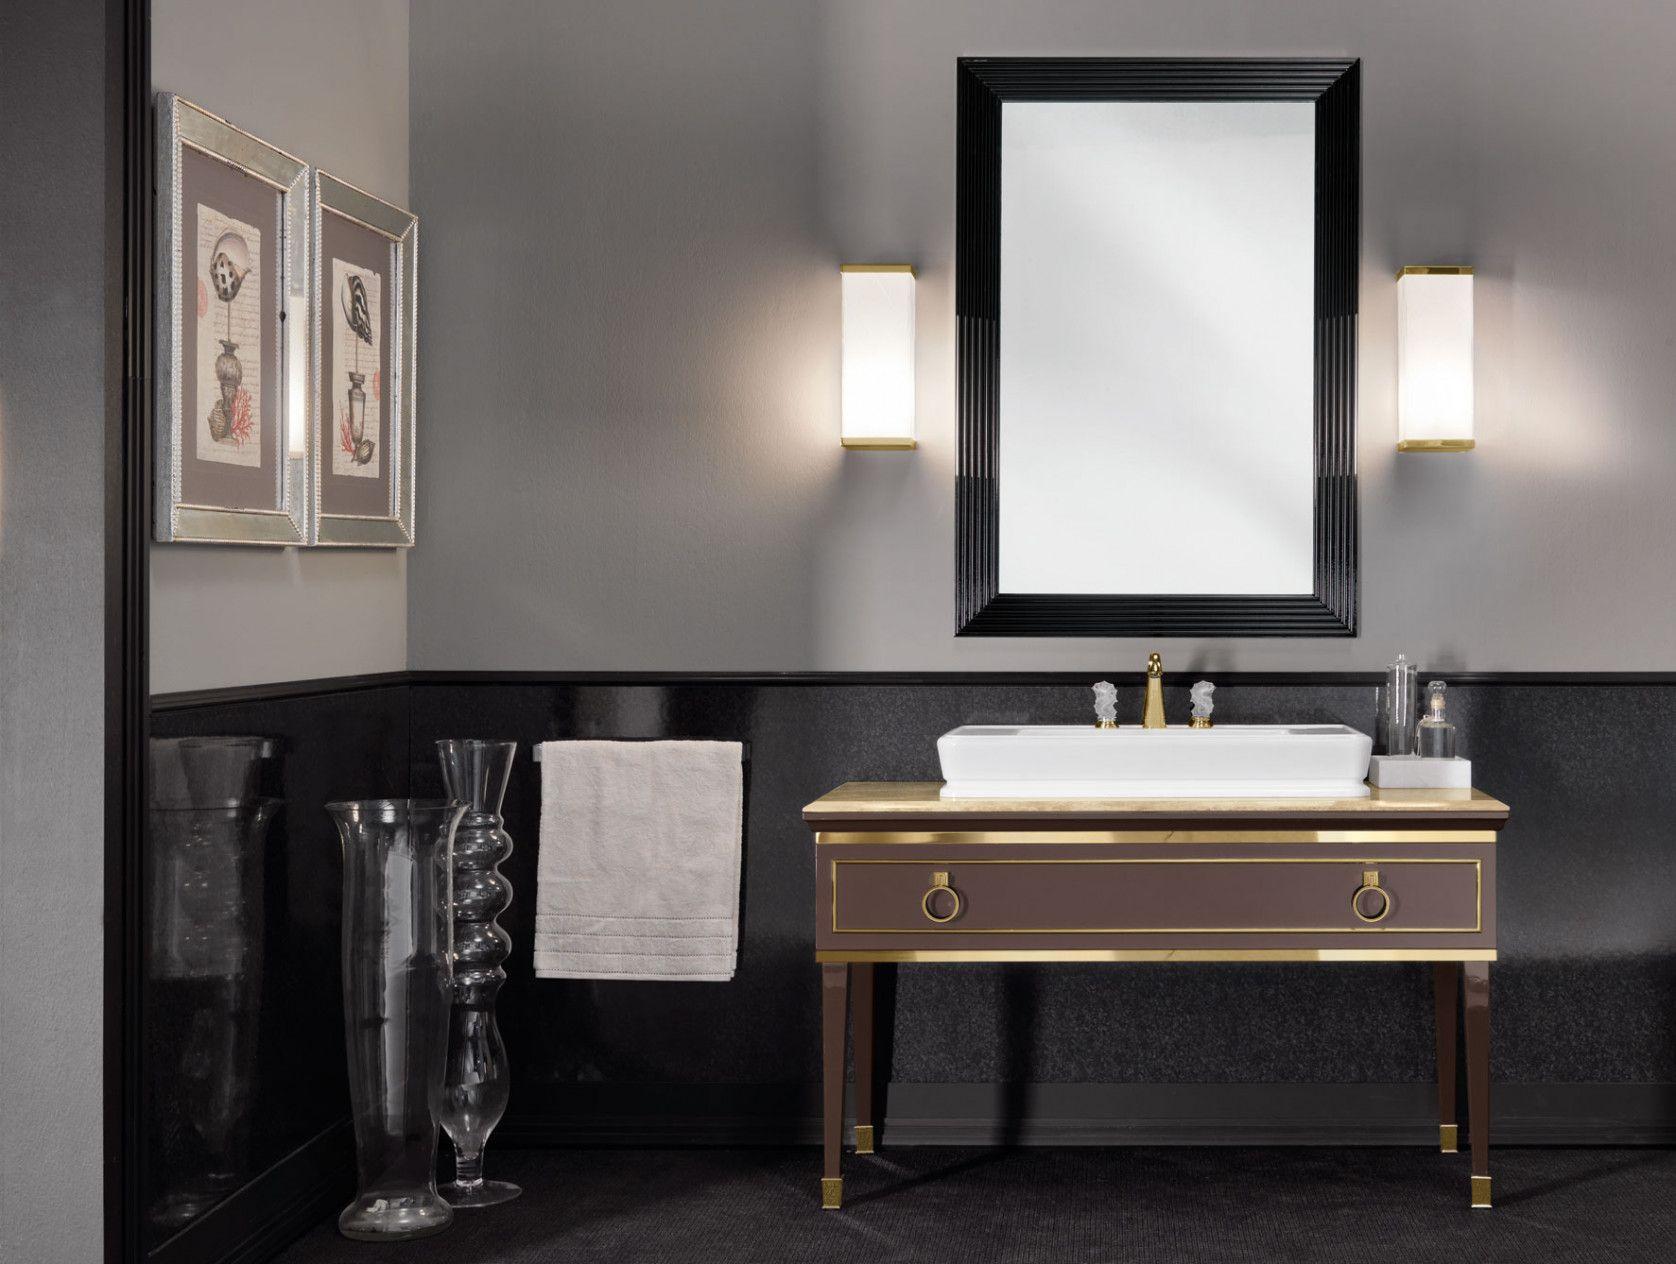 2019 art deco bathroom mirror kitchen floor